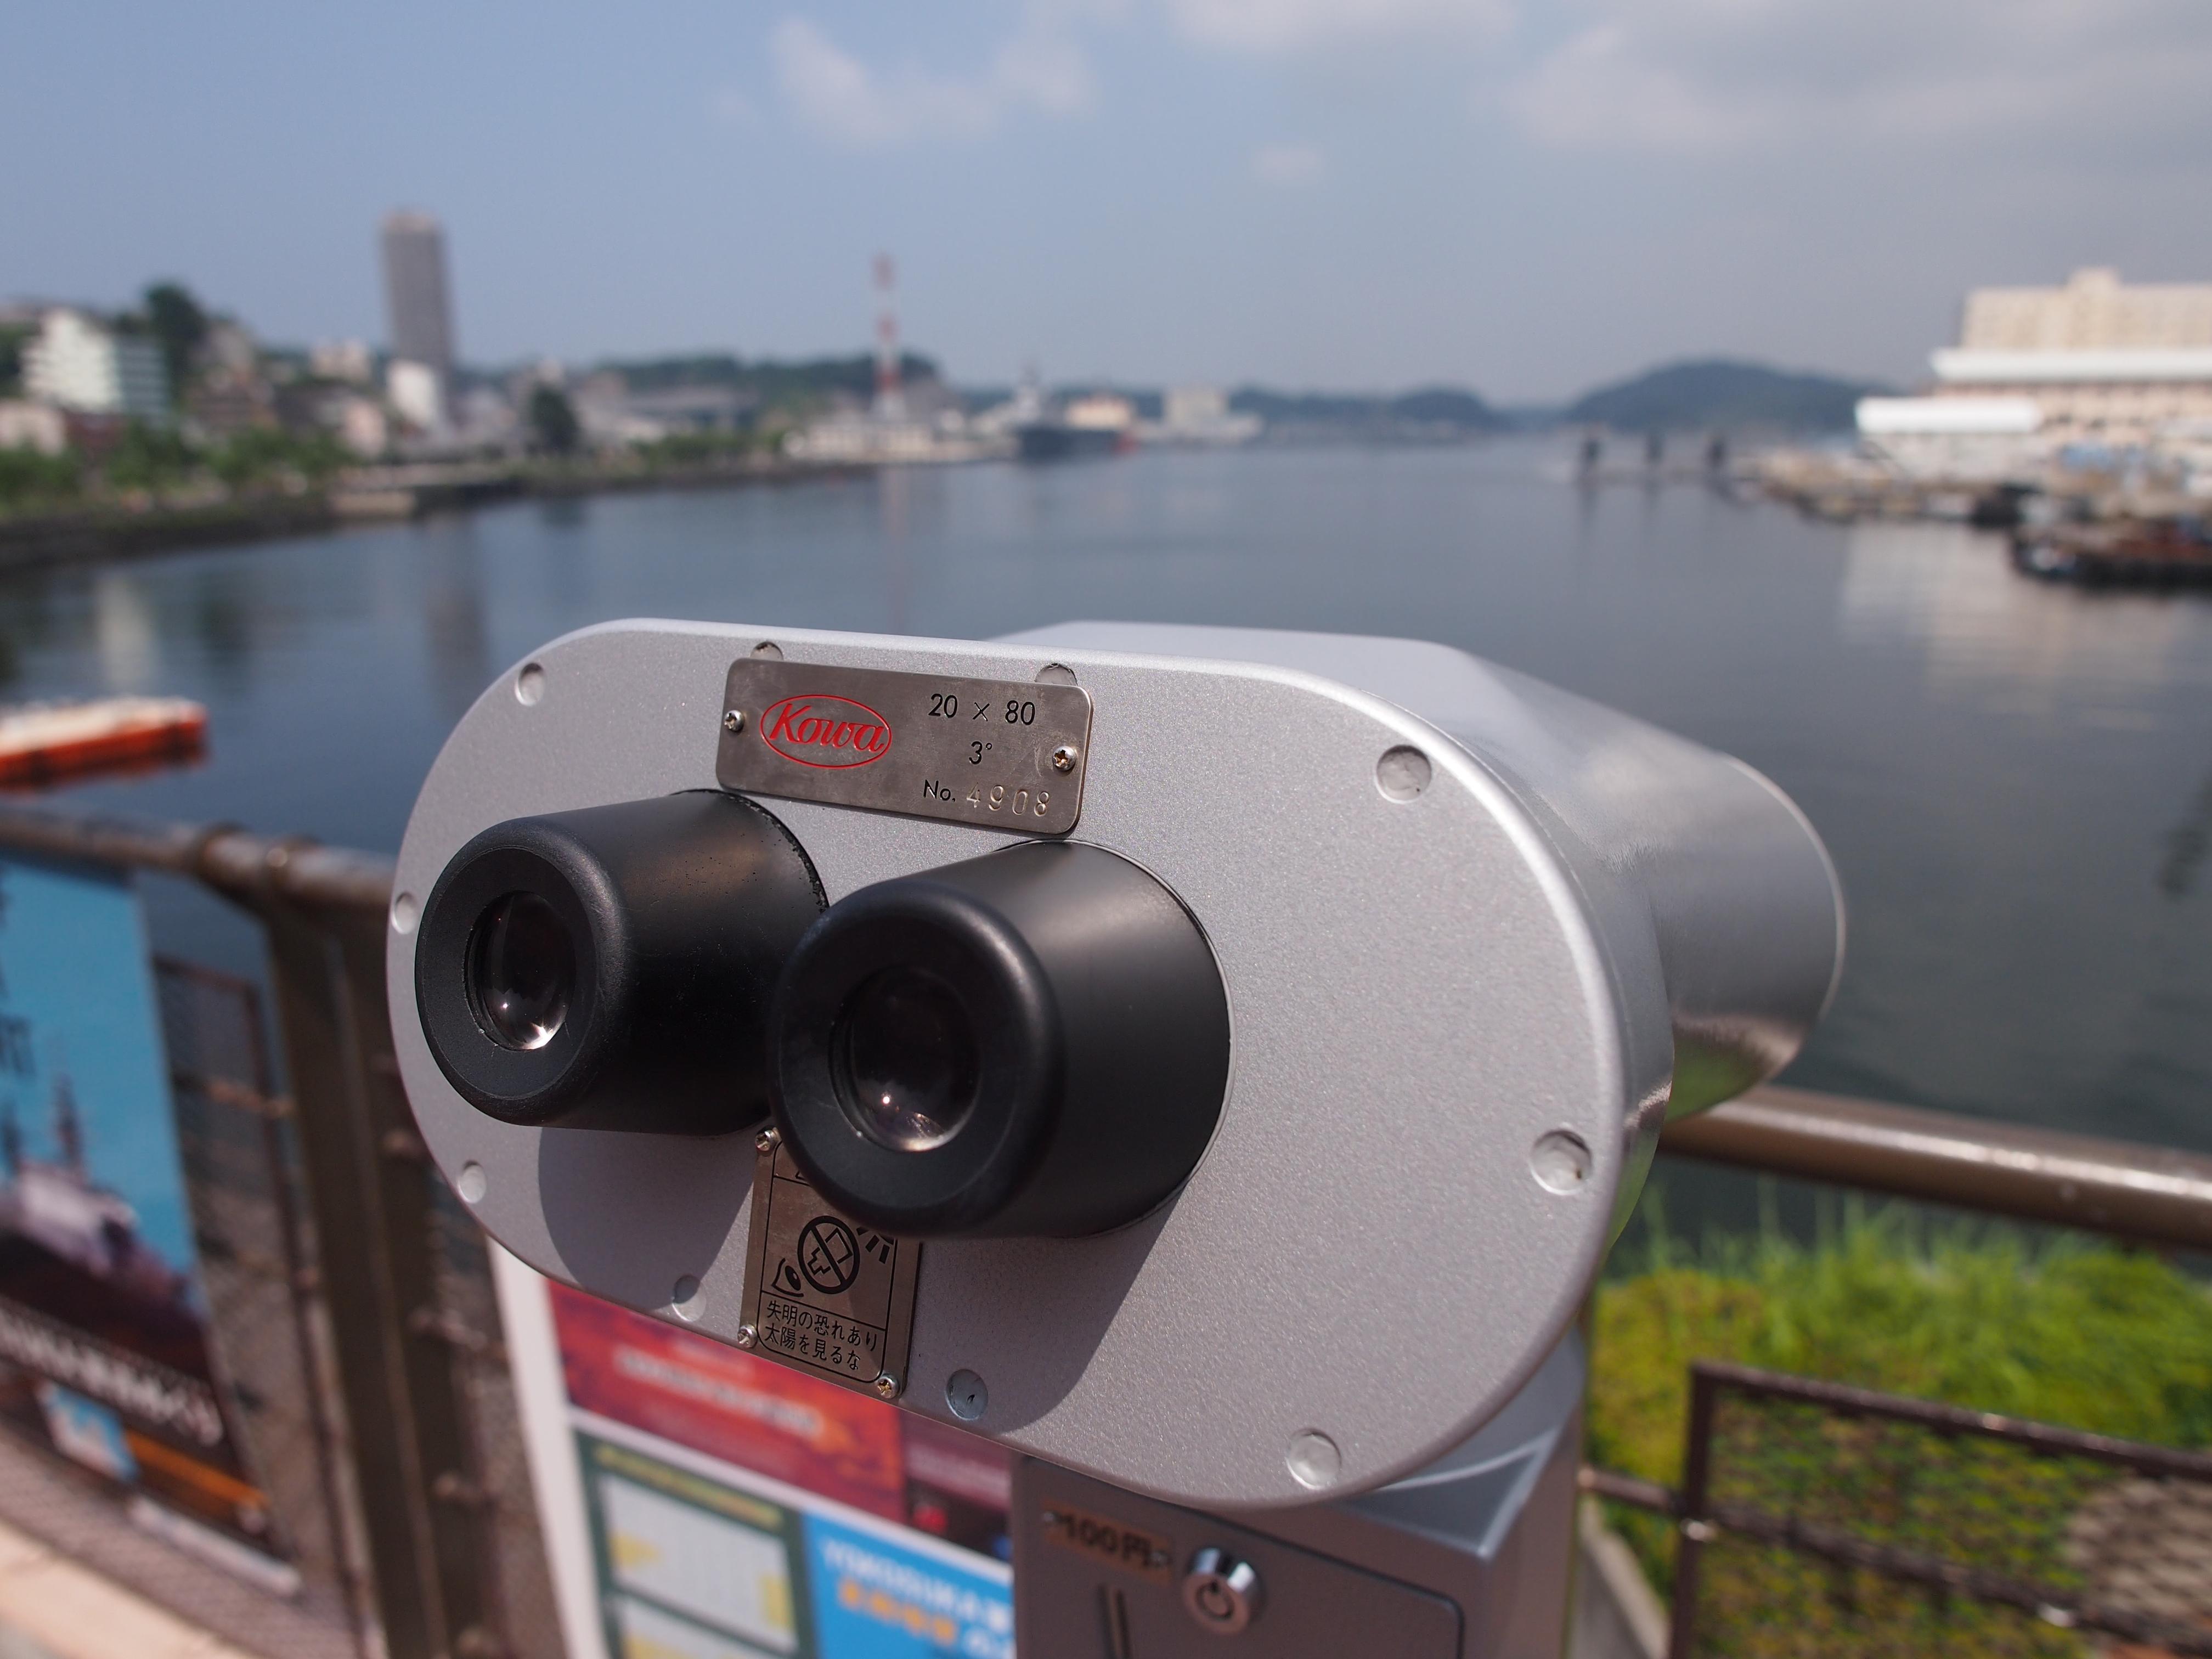 <b>E-P3 / M.ZUIKO DIGITAL ED 12mm F2 / 約4.6MB / 4,032×3,024 / 1/2,500秒 / F4 / 0.0EV / ISO200 / WB:オート / 12mm</b>